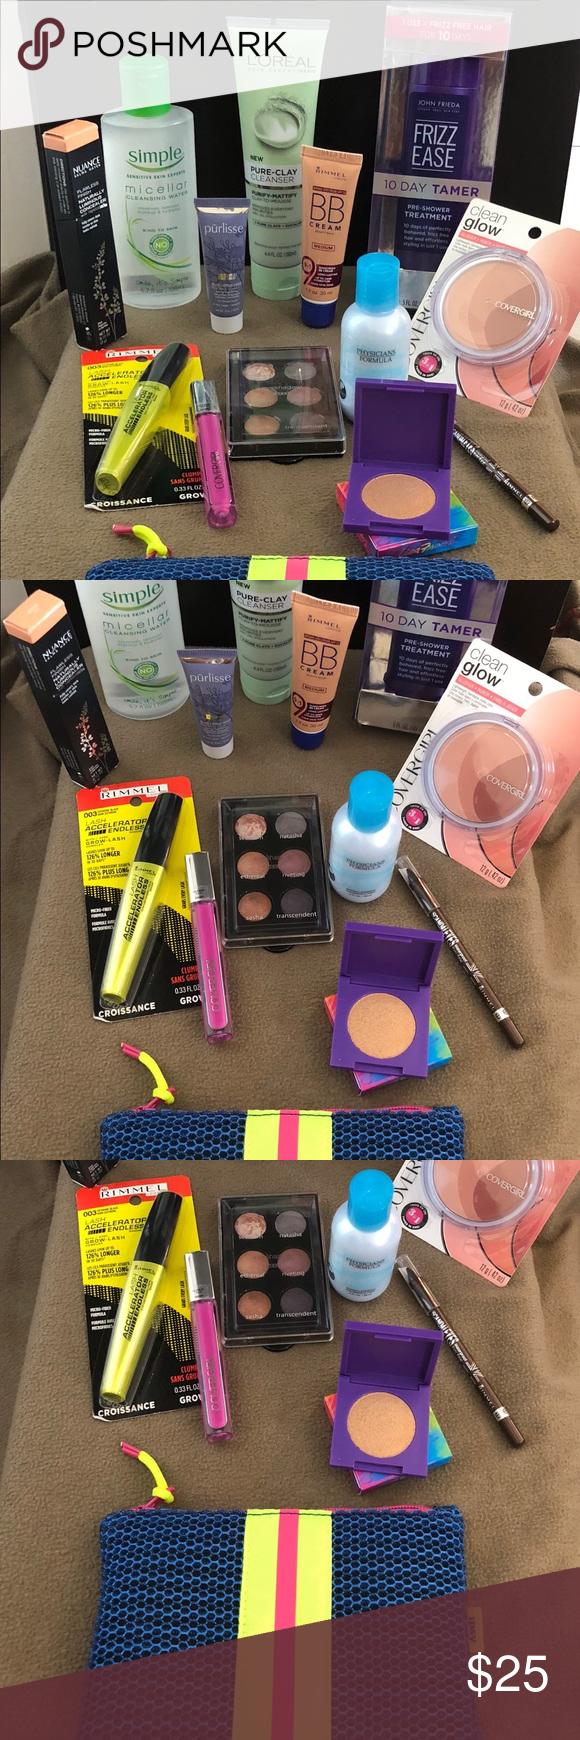 Beauty Bundle L'Oréal • Skin Expert Pure Clay Cleanser